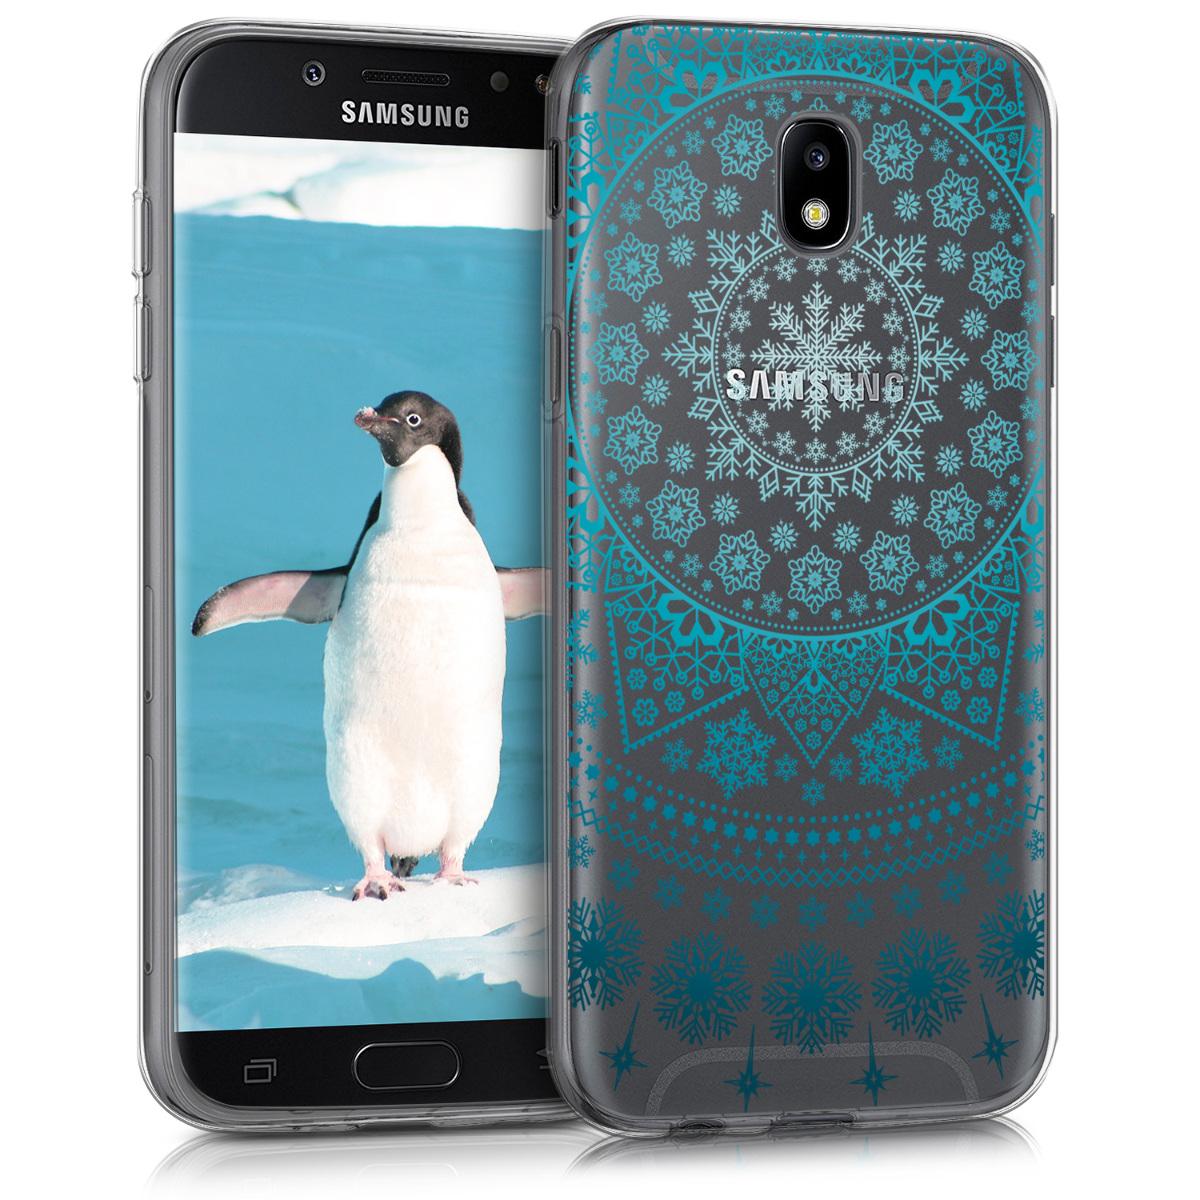 Kvalitní silikonové TPU pouzdro pro Samsung J5 (2017) DUOS - Arctic Snowflake modré / světle  modré / transparentní